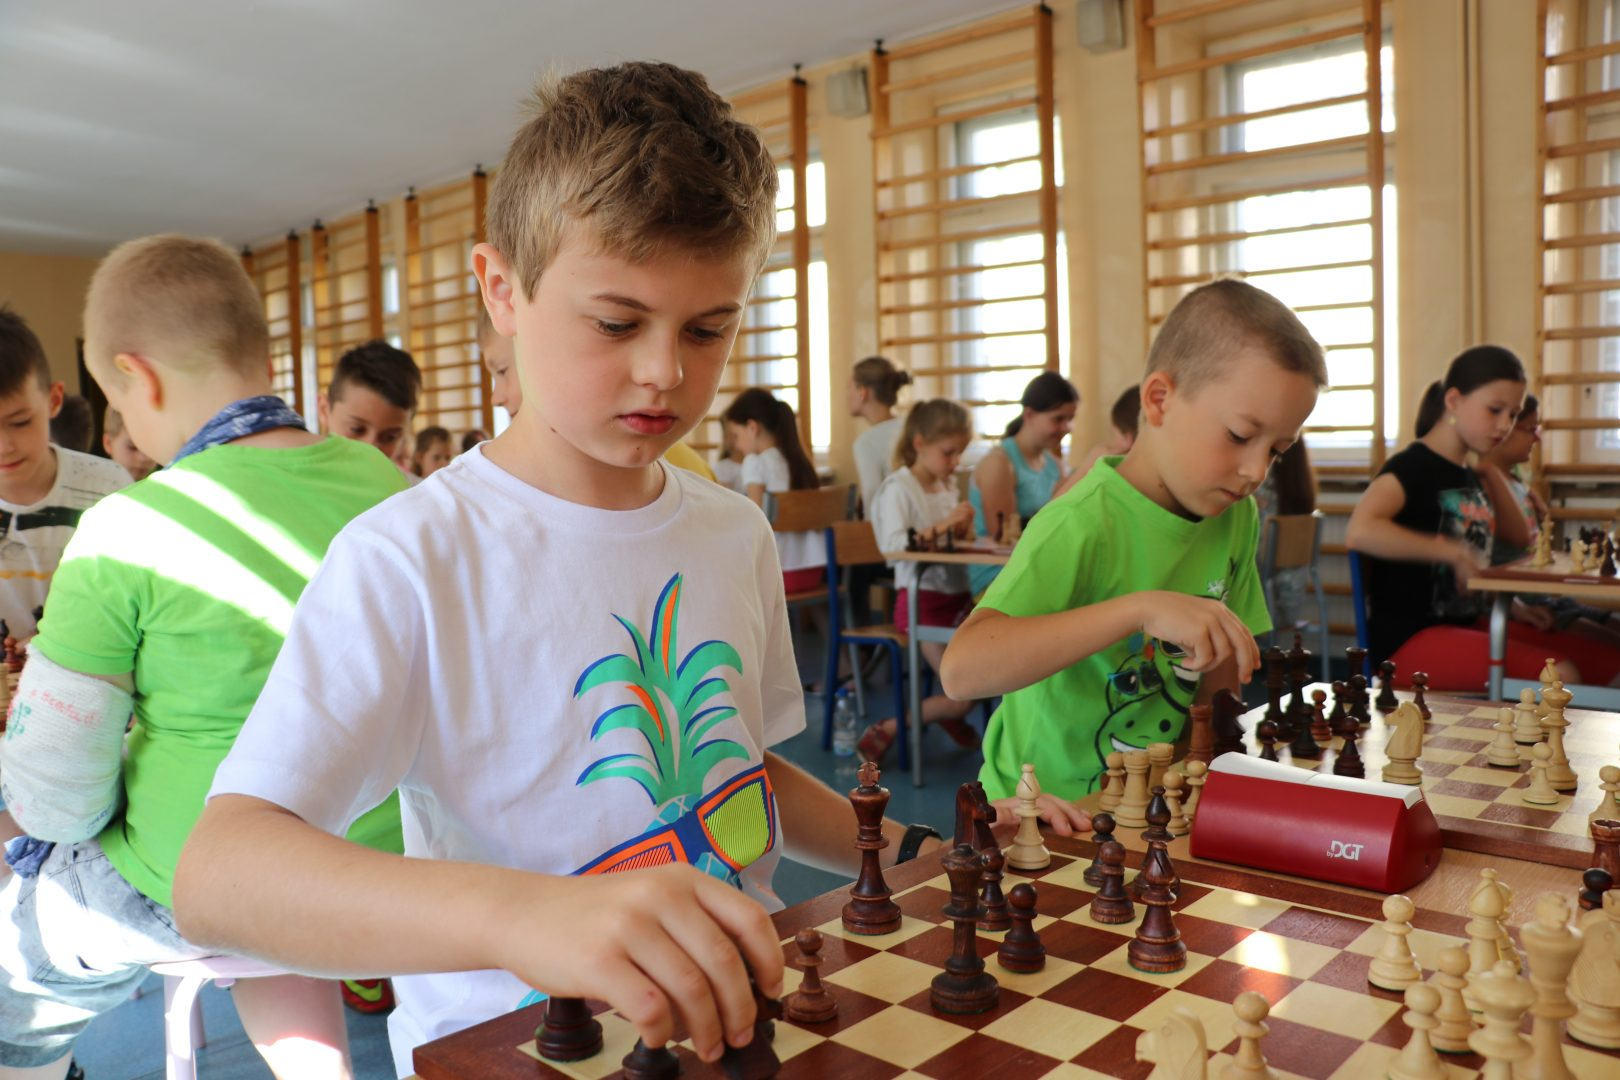 VI Szachowe Mistrzostwa Szkoły Społecznej, Świdnica, 20.06.2017